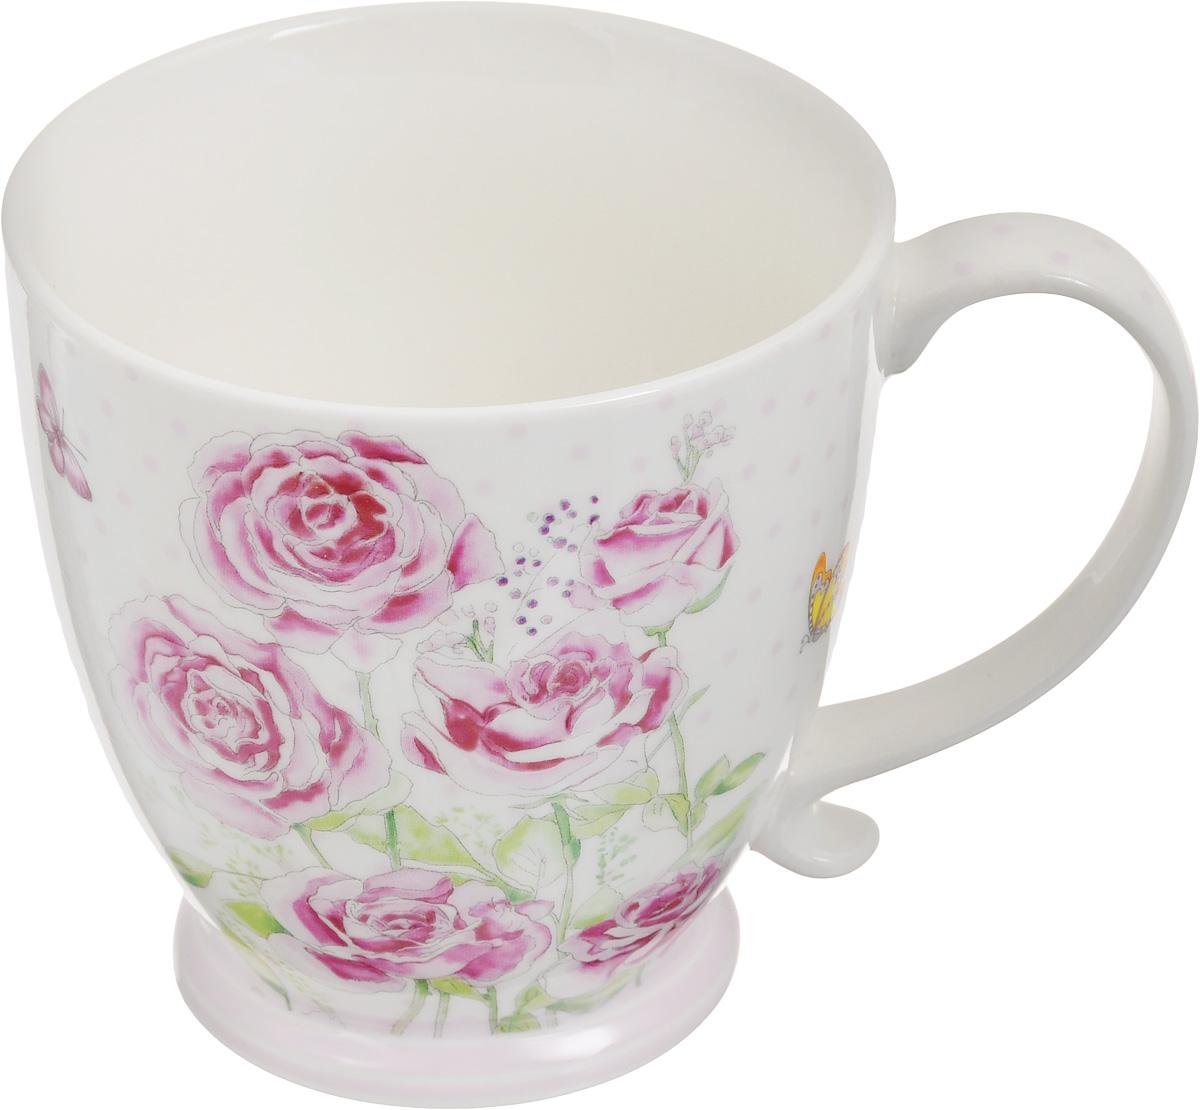 Кружка Elan Gallery Букет роз, цвет: белый, розовый, 450 мл290143Кружка Elan Gallery Букет роз, изготовленная из высококачественной керамики, оформлена изображением цветов. Изделие сочетает в себе изысканный дизайн с максимальной функциональностью. Такая кружка станет оригинальным подарком для ваших родных и близких. Не рекомендуется применять абразивные моющие средства. Не использовать в микроволновой печи. Диаметр кружки (по верхнему краю): 10 см. Высота кружки: 10,5 см.